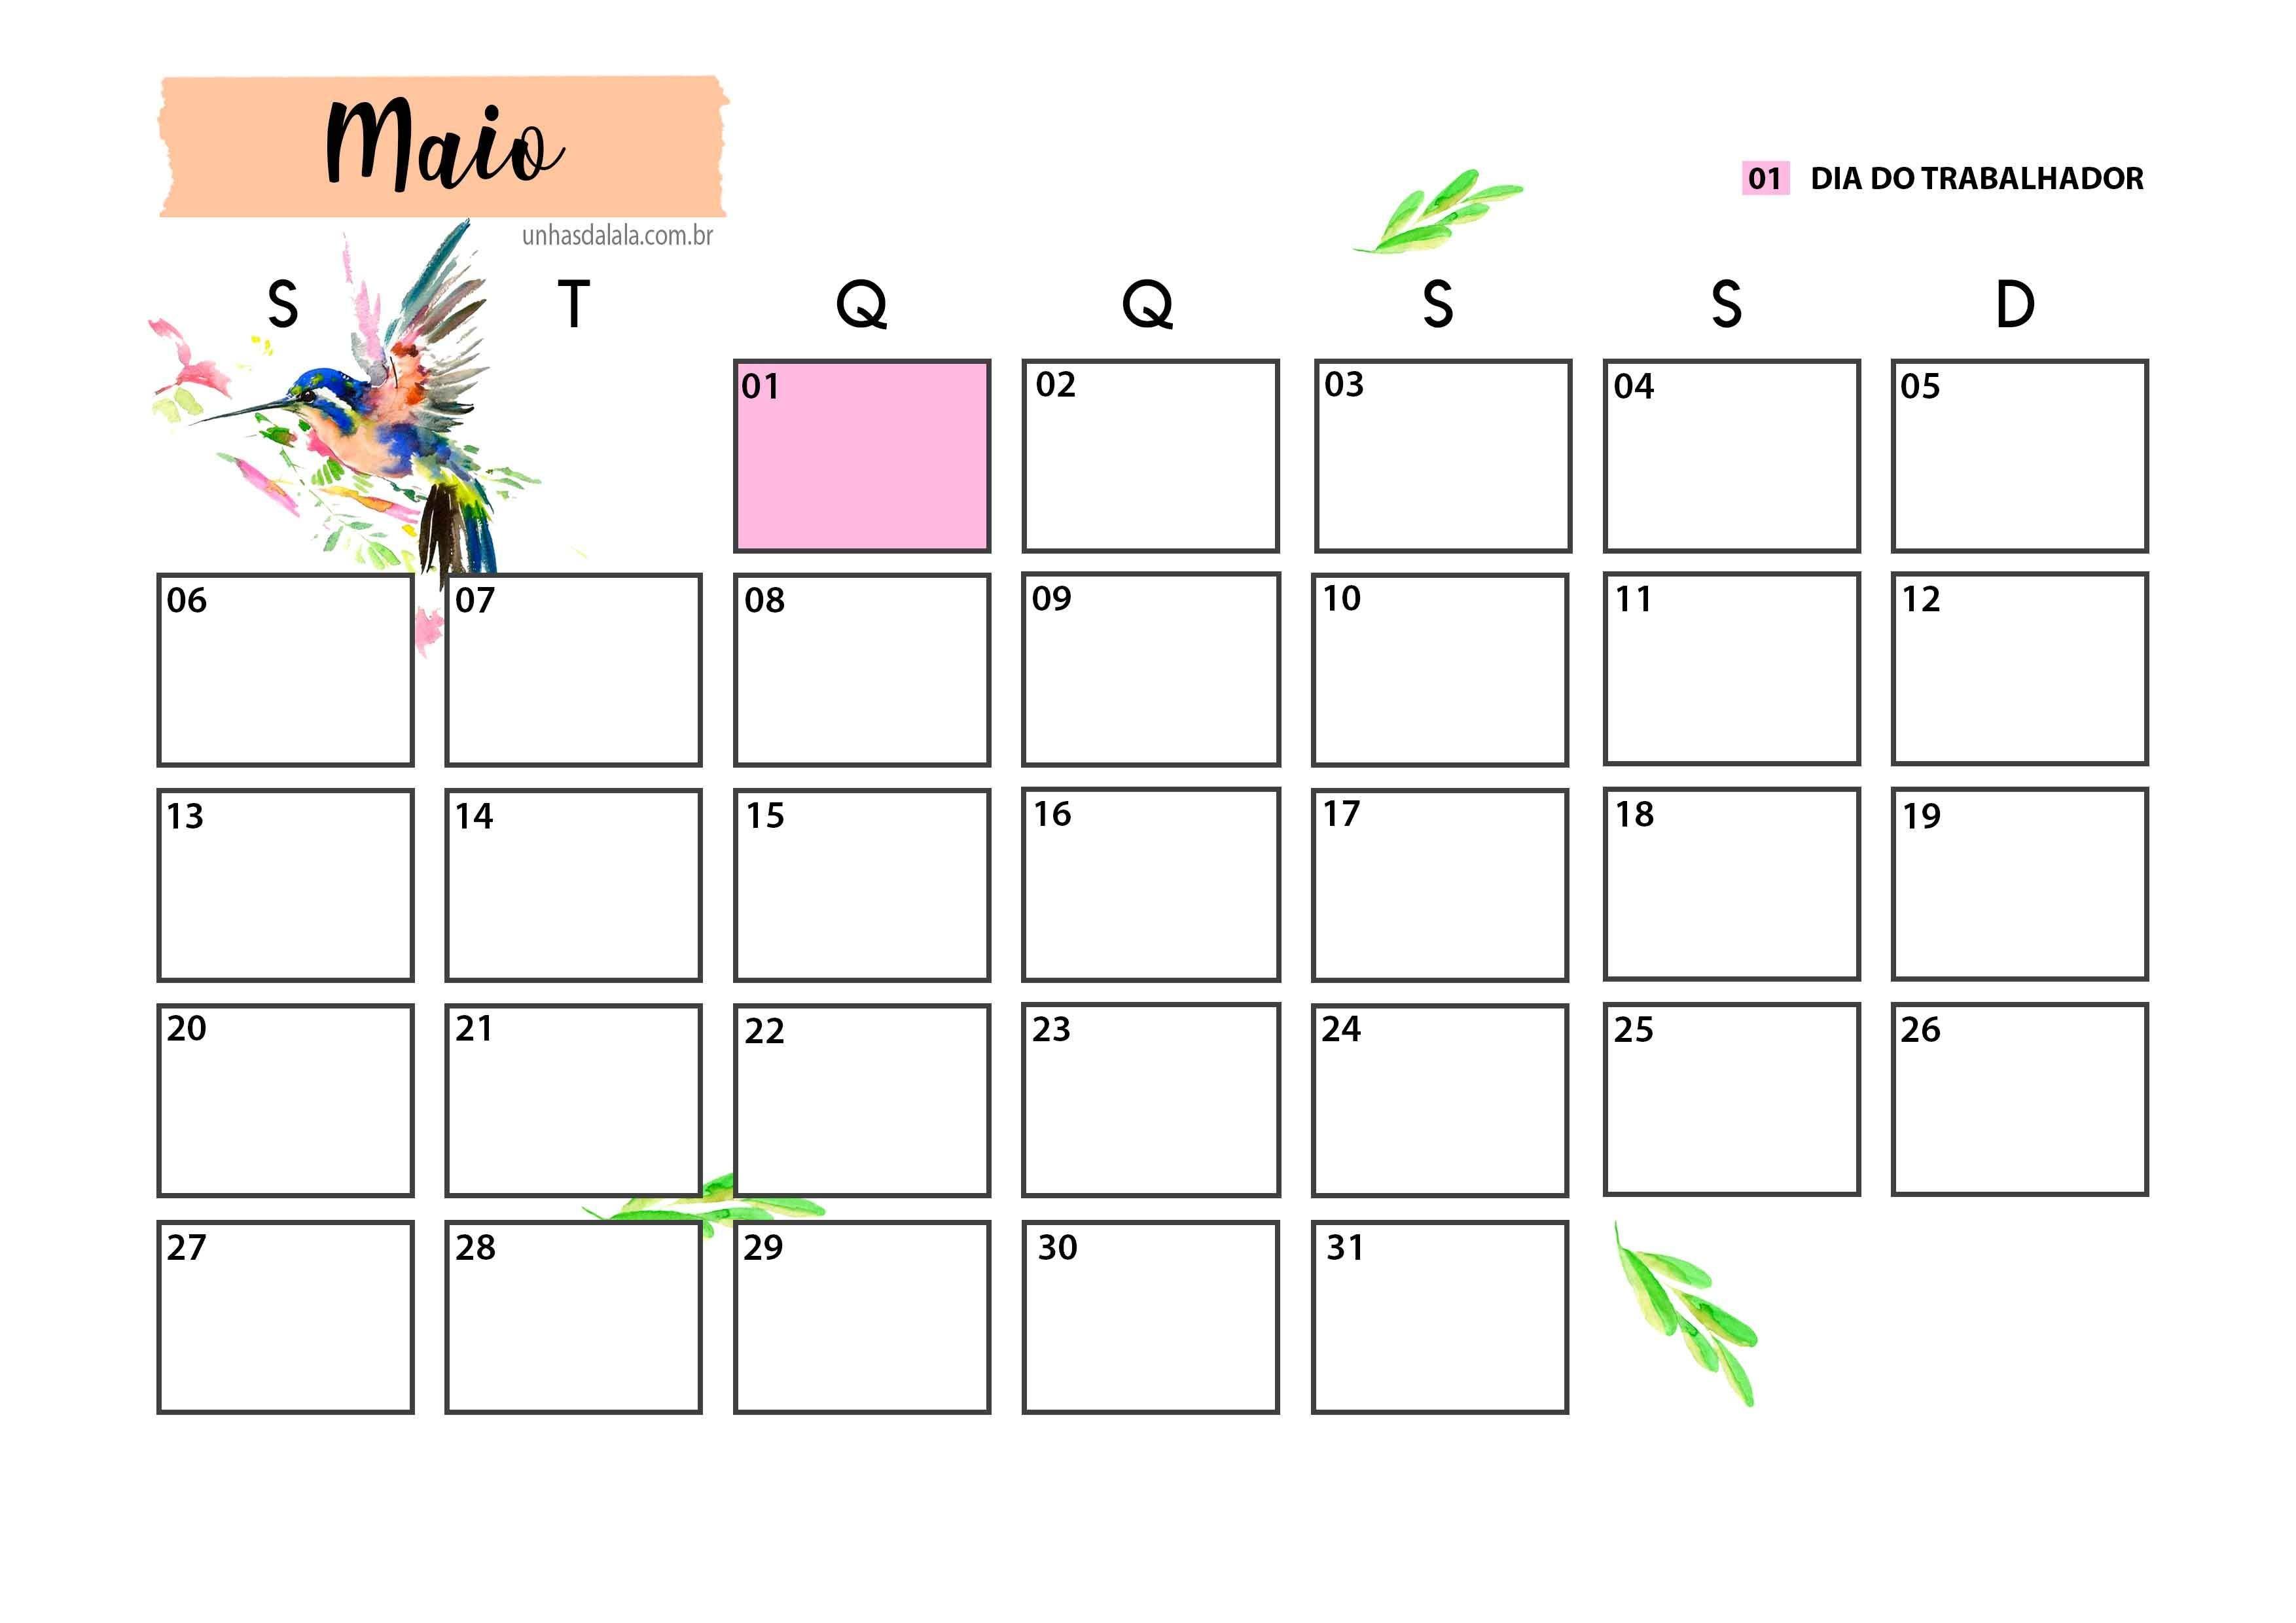 Calendario Escolar 2019 Portugal Actual Calendario Mes 2019 Para Imprimir Abril T Of Calendario Escolar 2019 Portugal Más Caliente Calendario Abril 2019 Para Imprimir T